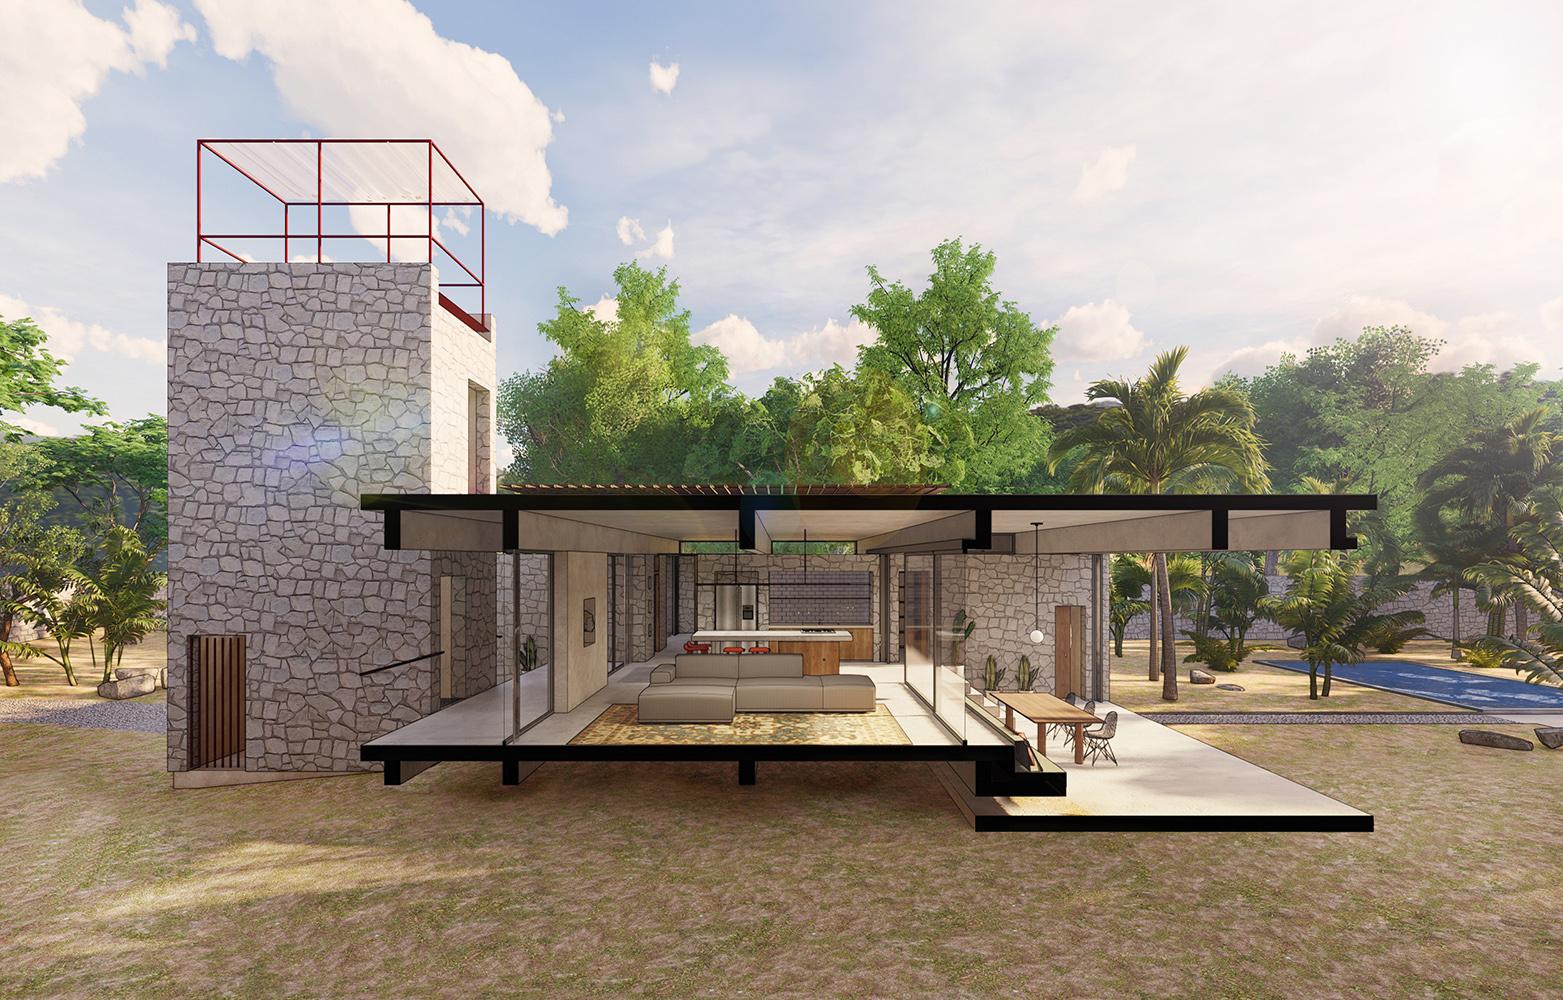 noiz-architekti-vila-tulum-mexiko-02